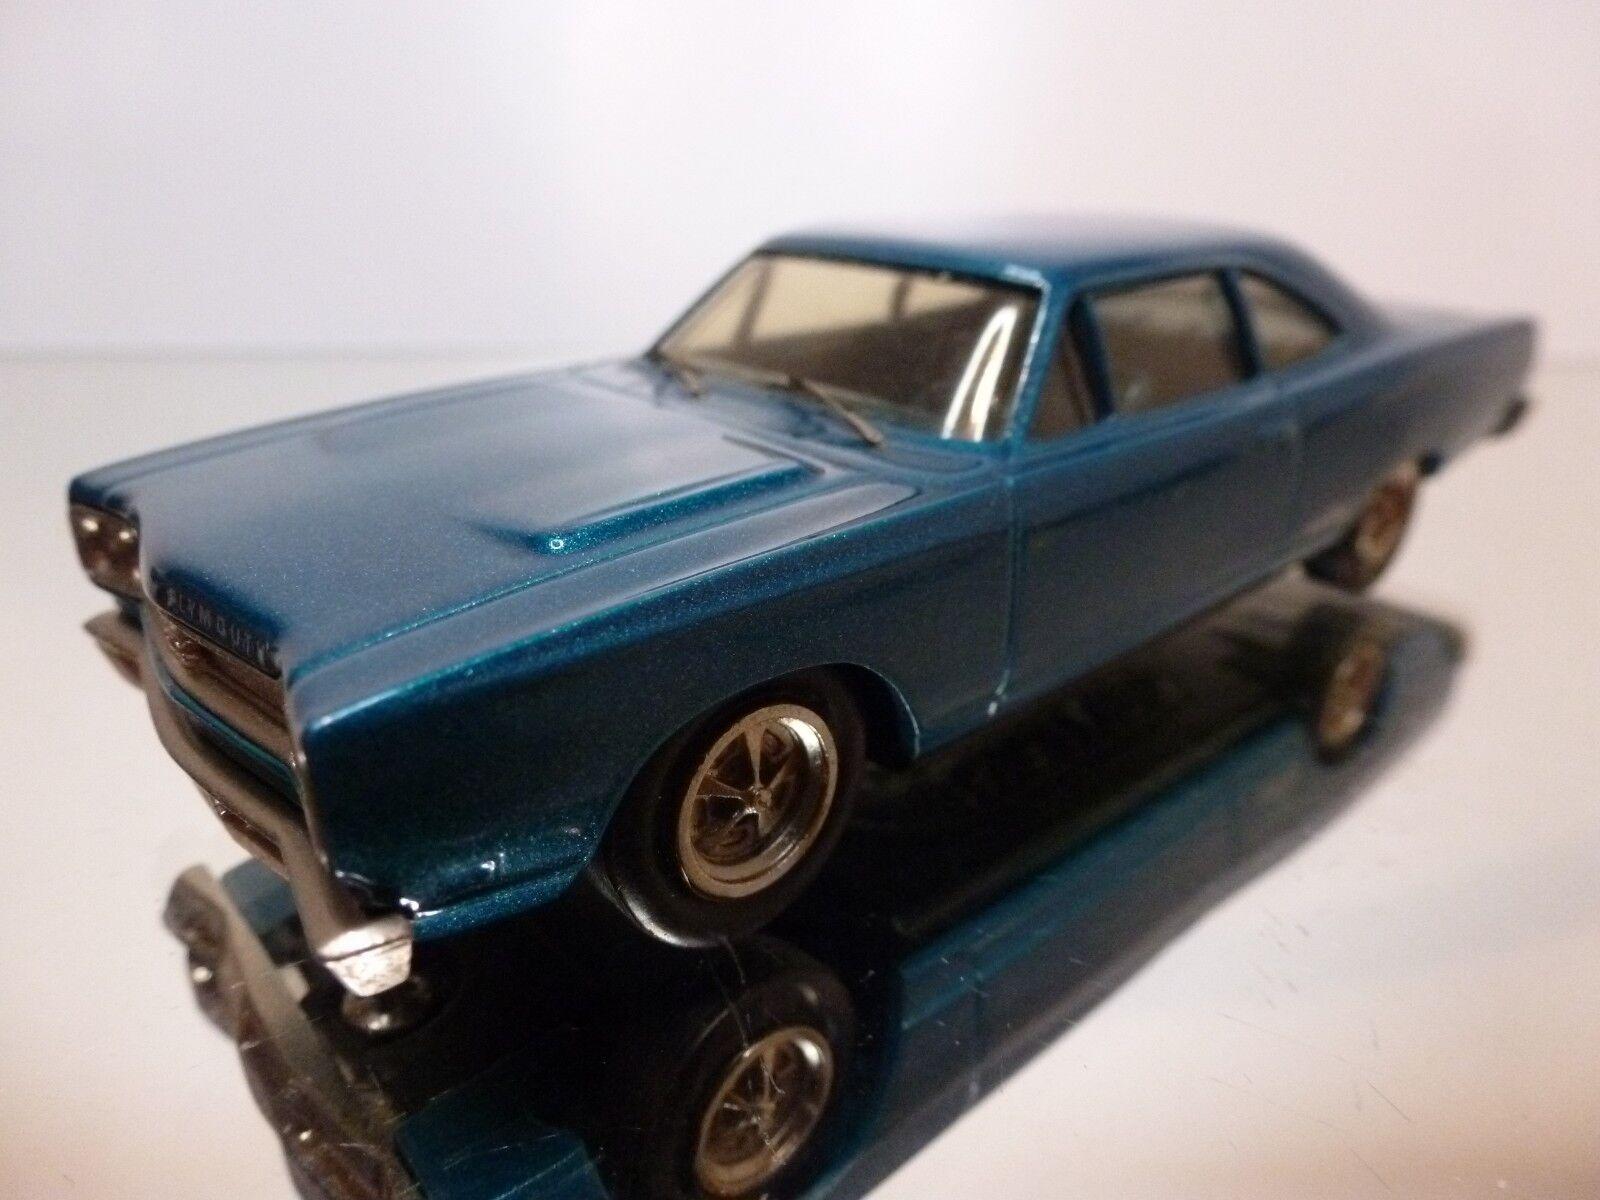 CENTURY 11 PLYMOUTH GTX 1969 - azul METALLIC 1 43 - EXCELLENT CONDITION - 7